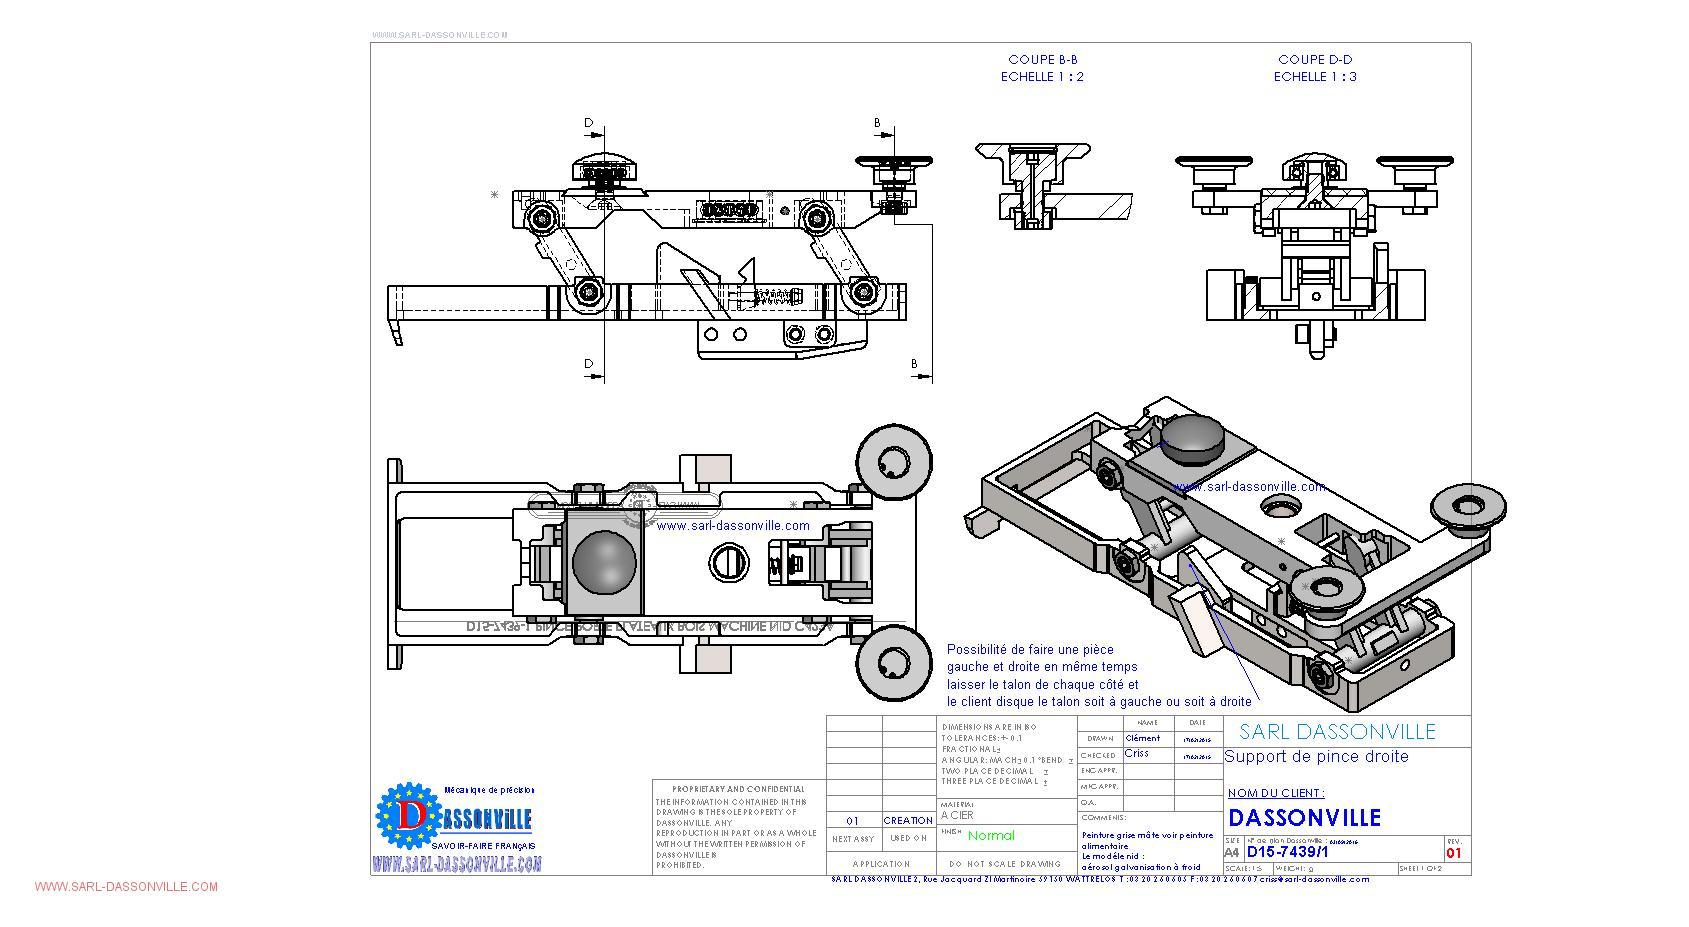 Bureau etudes mecanique sarl dassonville for Plan de conception